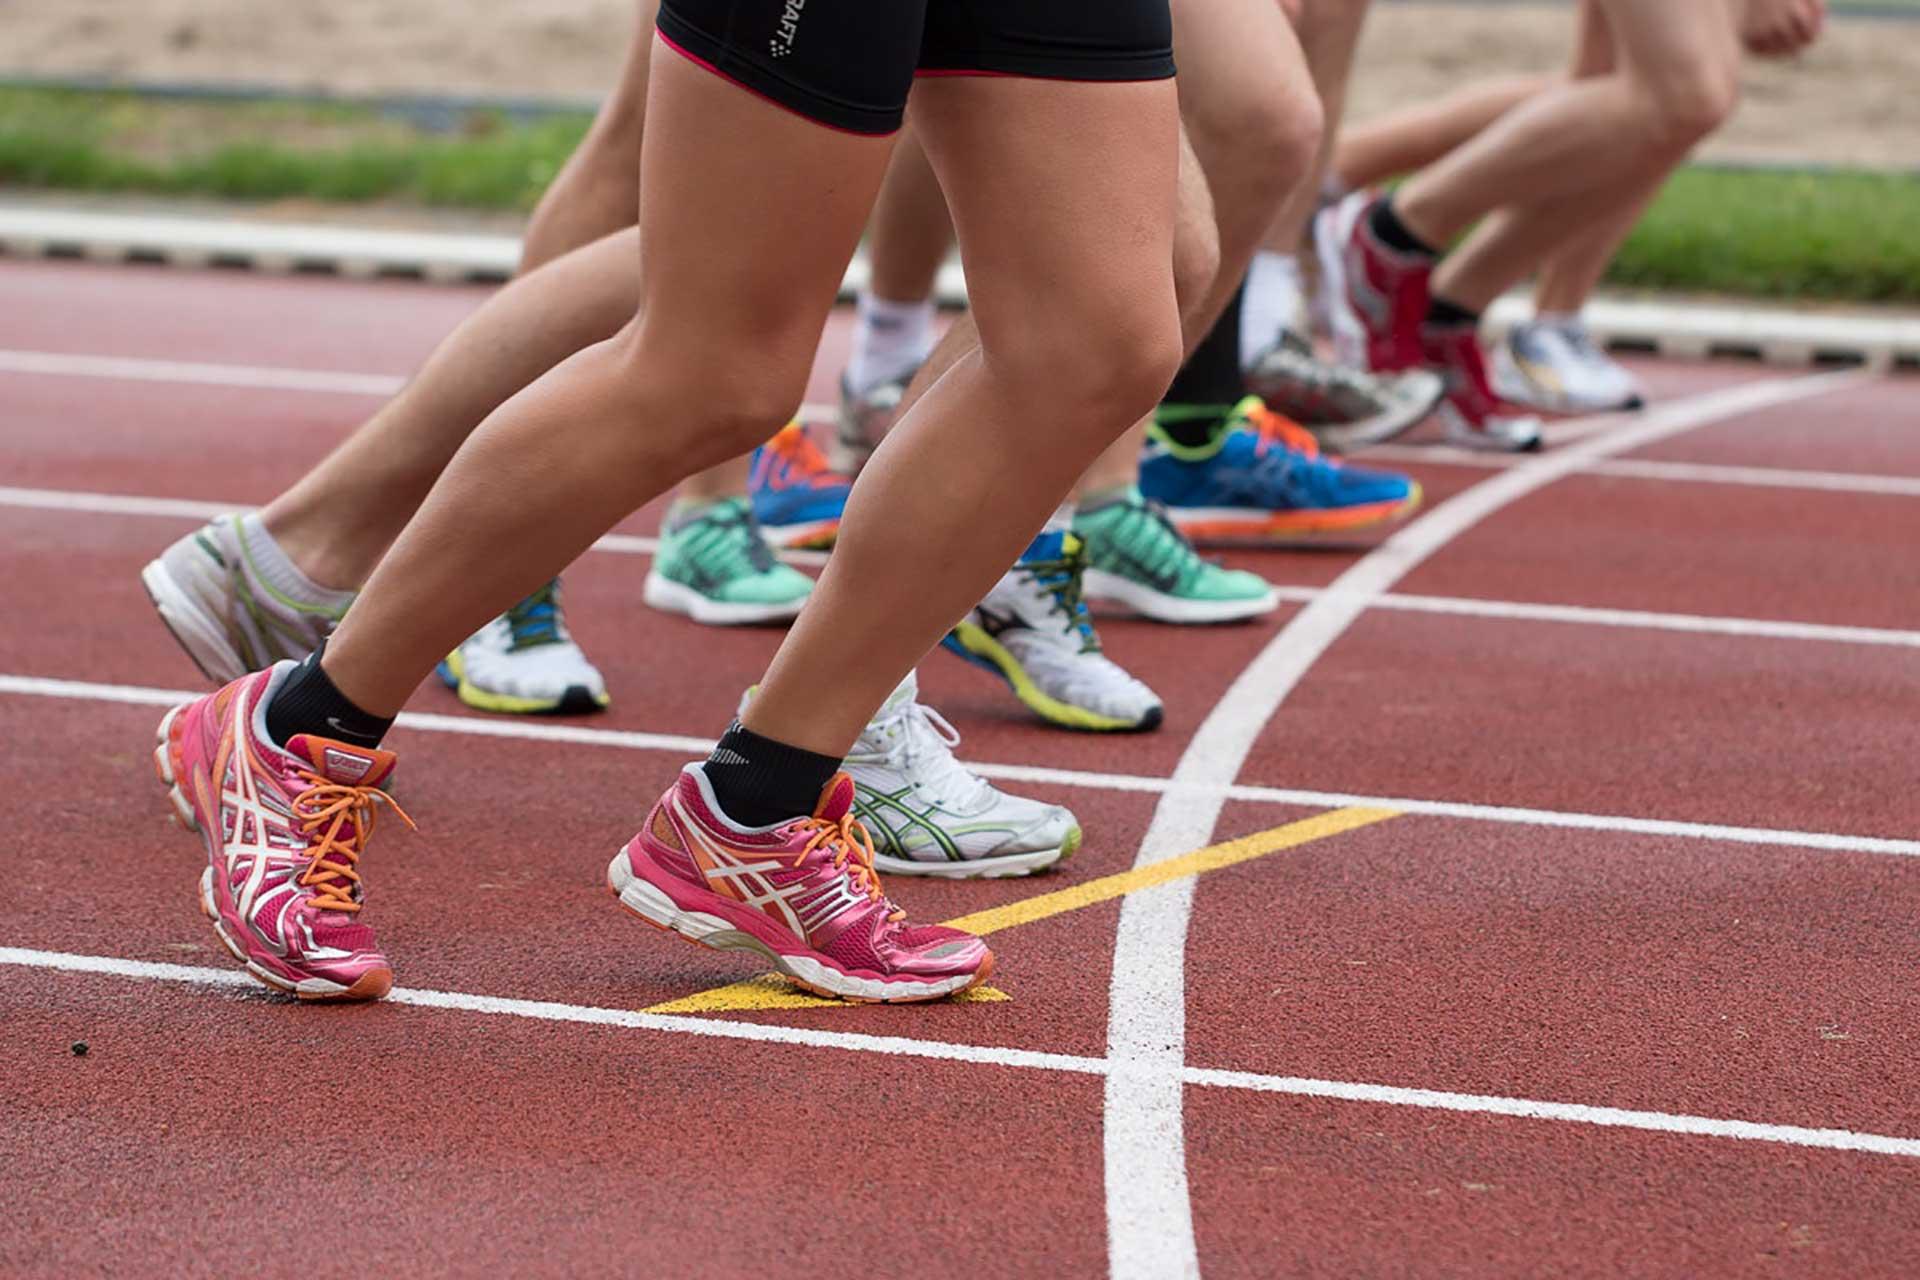 Regalos personalizados para eventos deportivos en AN Publicidad - Merchandising